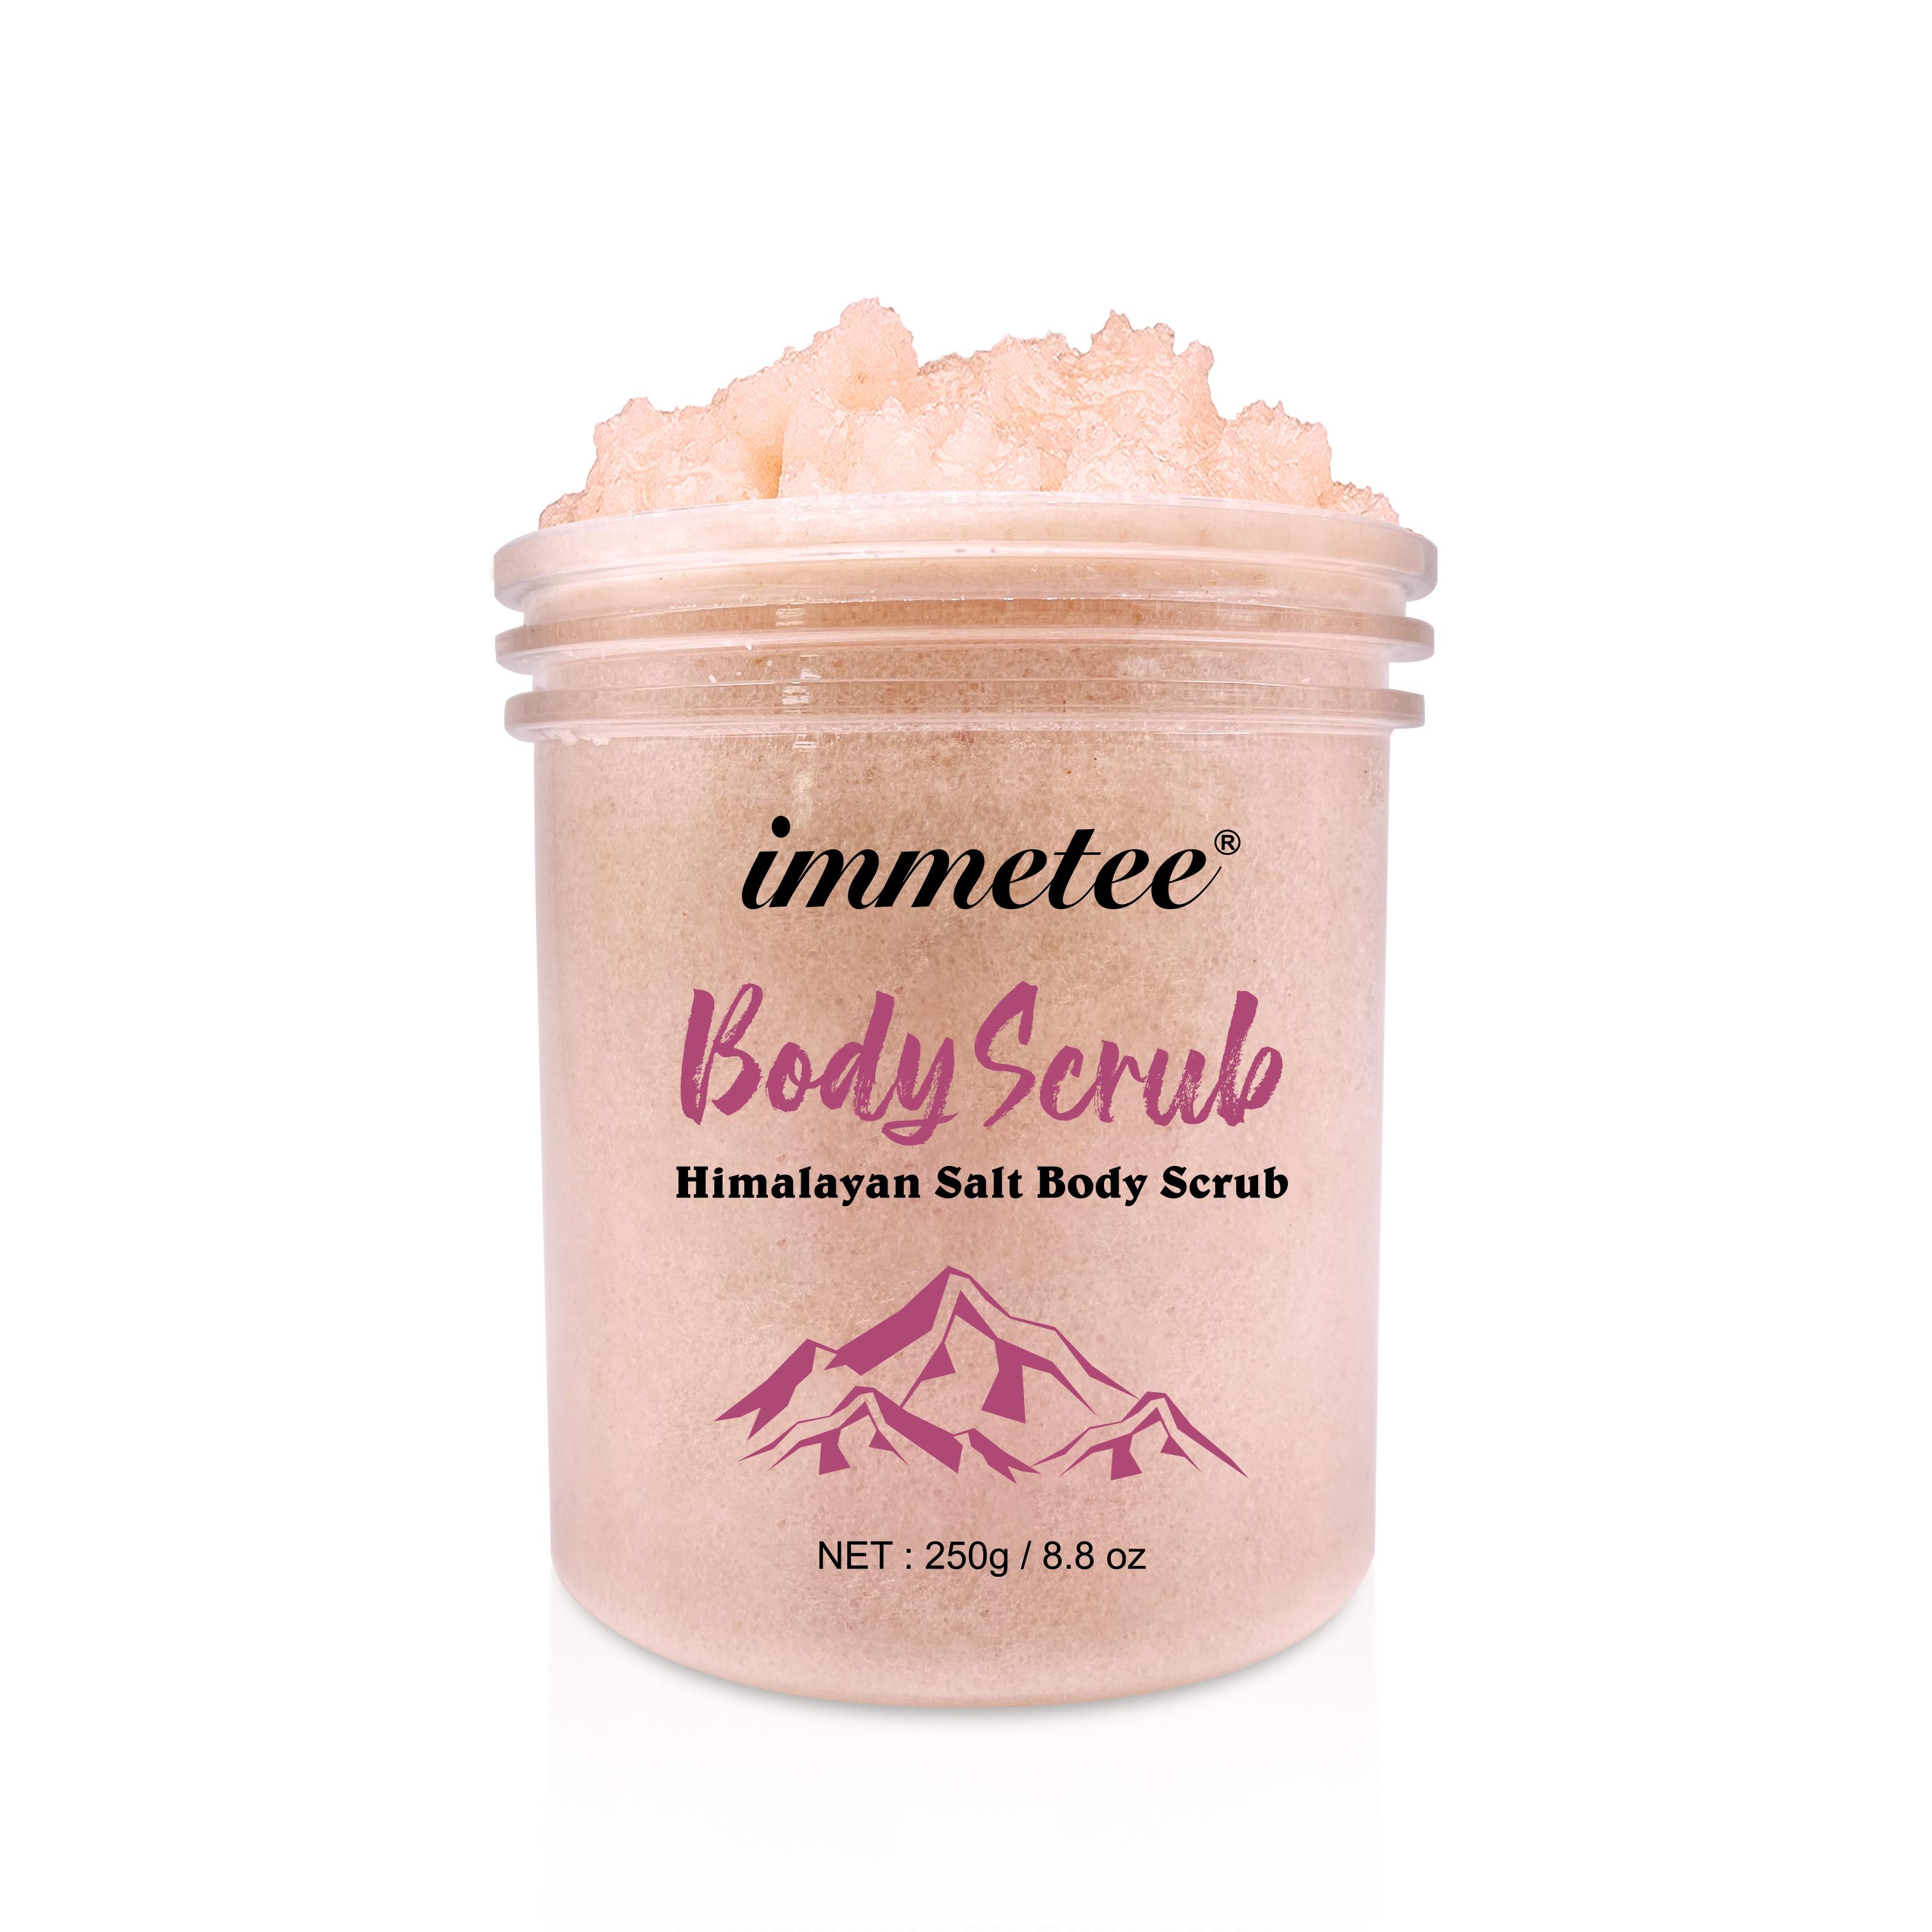 Бесплатный образец, спа-скрабы для глубокой очистки, отшелушивающие скрабы для удаления омертвевшей кожи, маслом сладкого миндаля, сахарной кожи, ГИМАЛАЙСКАЯ СОЛЬ, скраб для тела